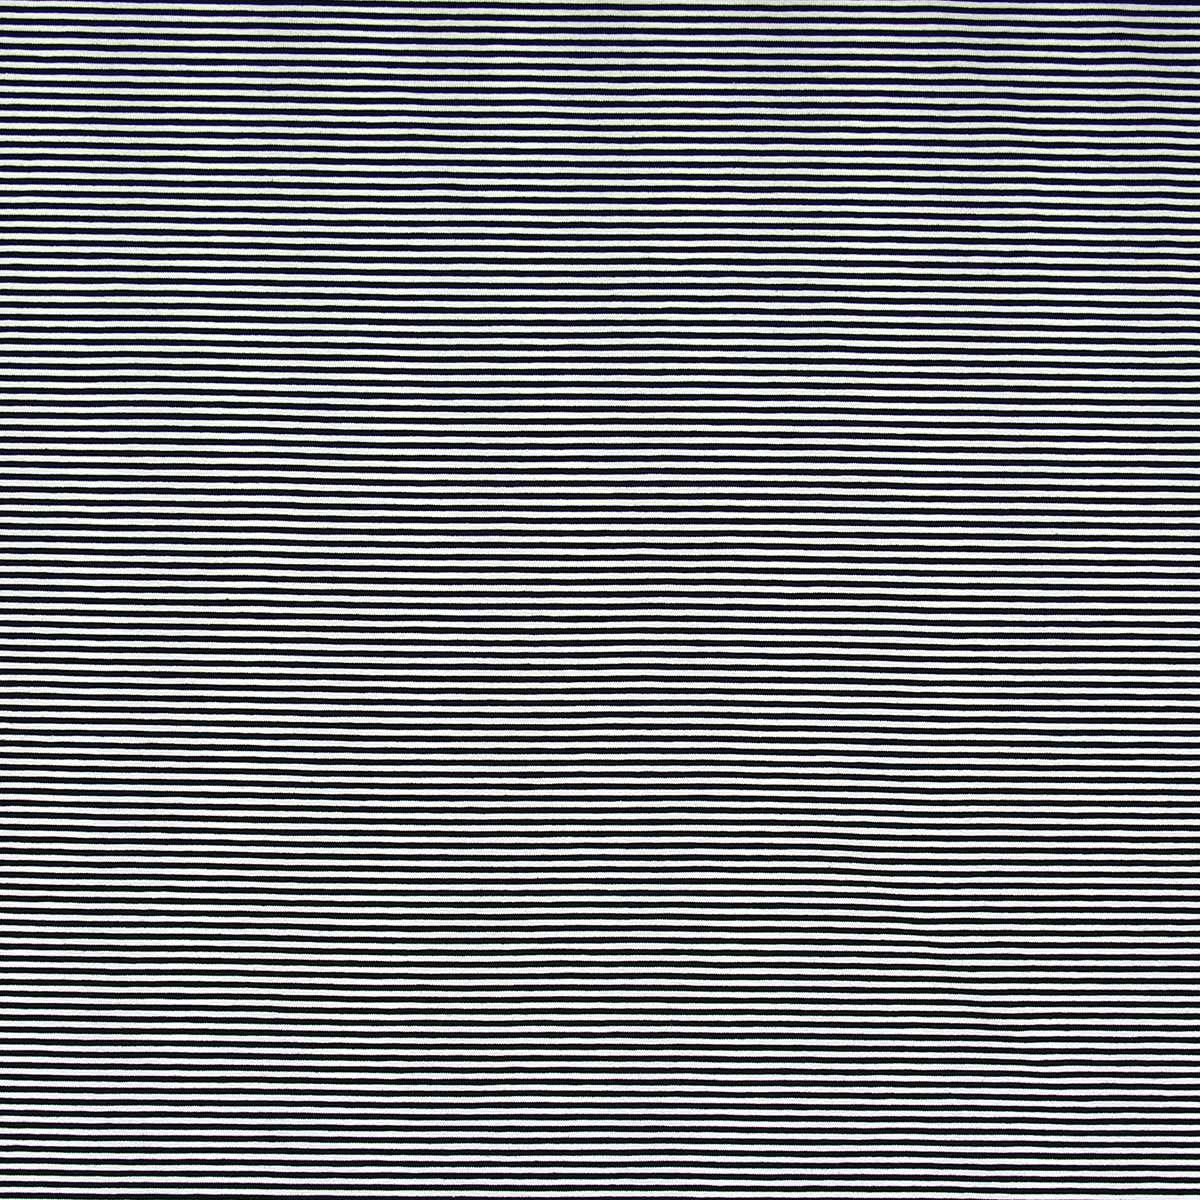 Tissu jersey marinière - Rayures fines noires